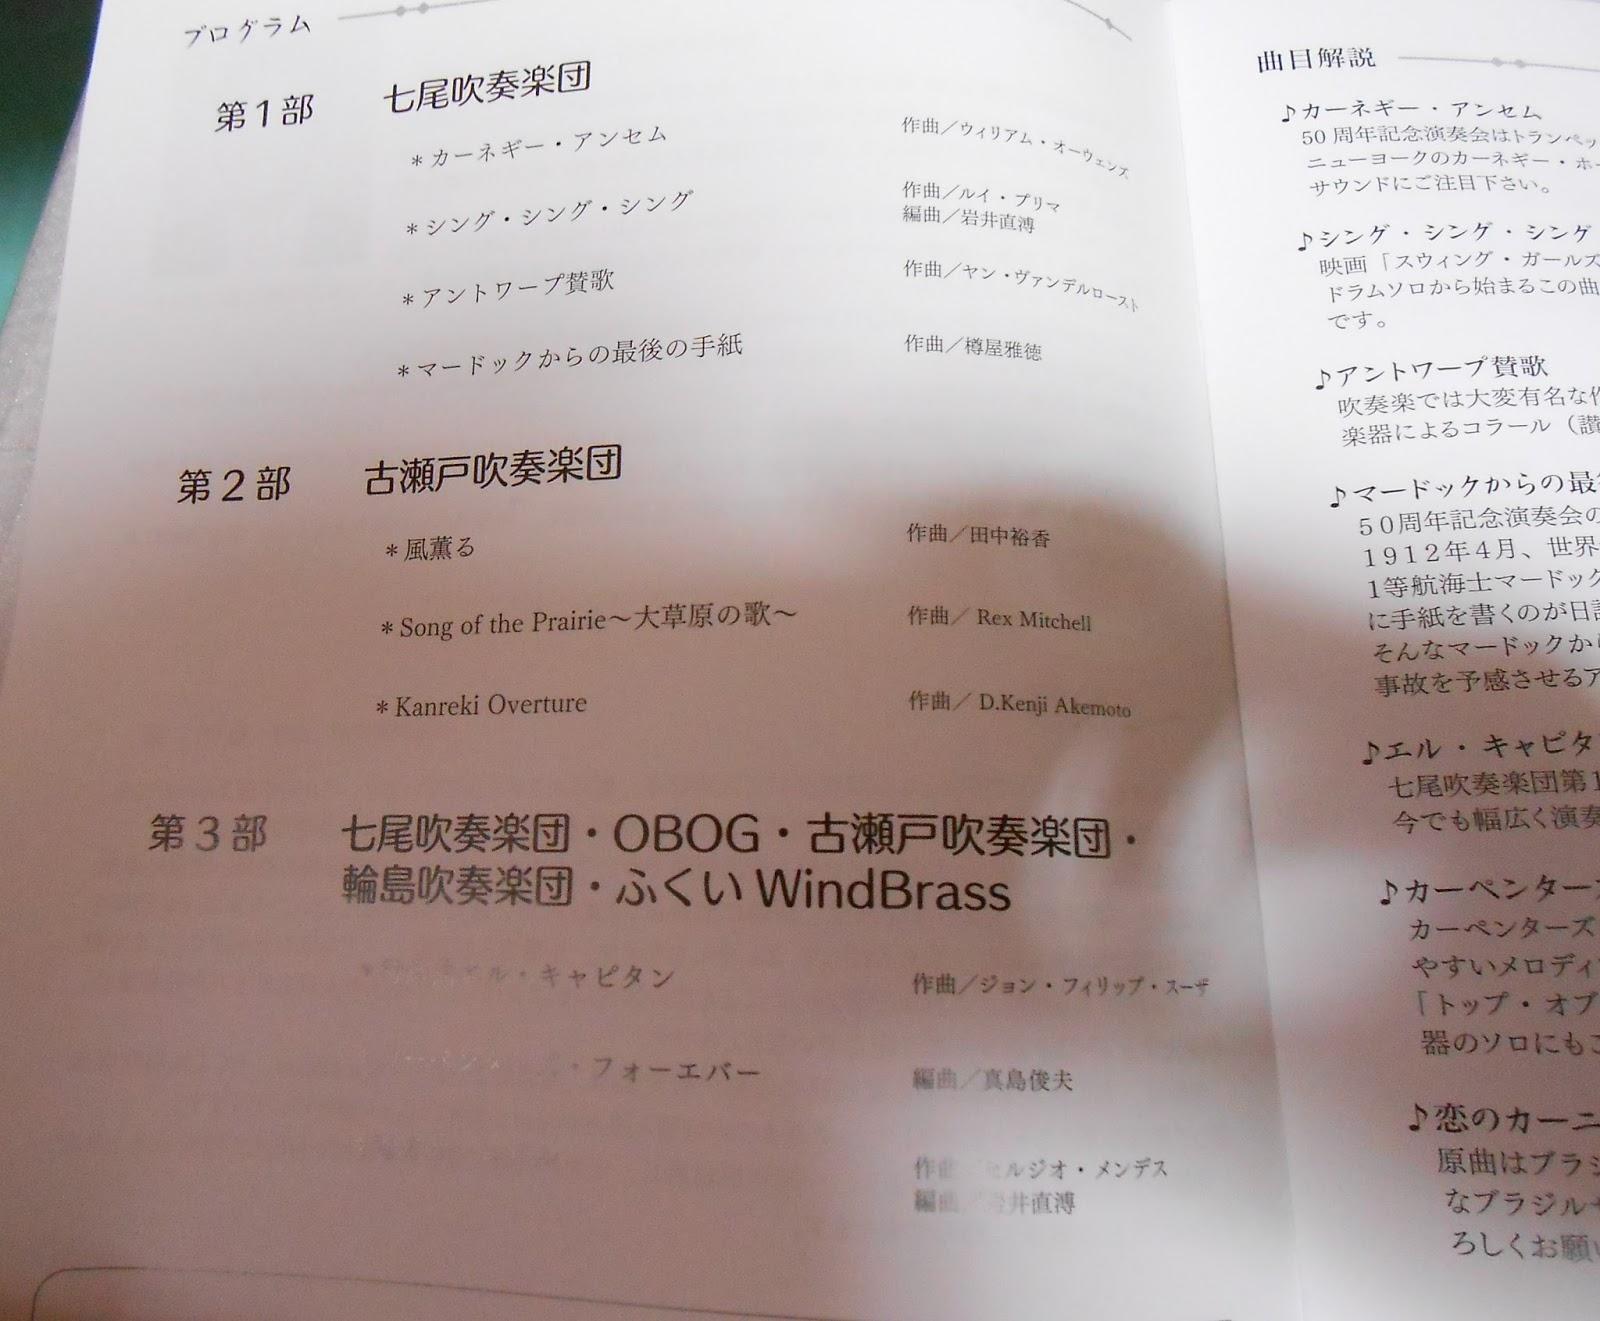 七尾市 ポスター Nanao city pos...